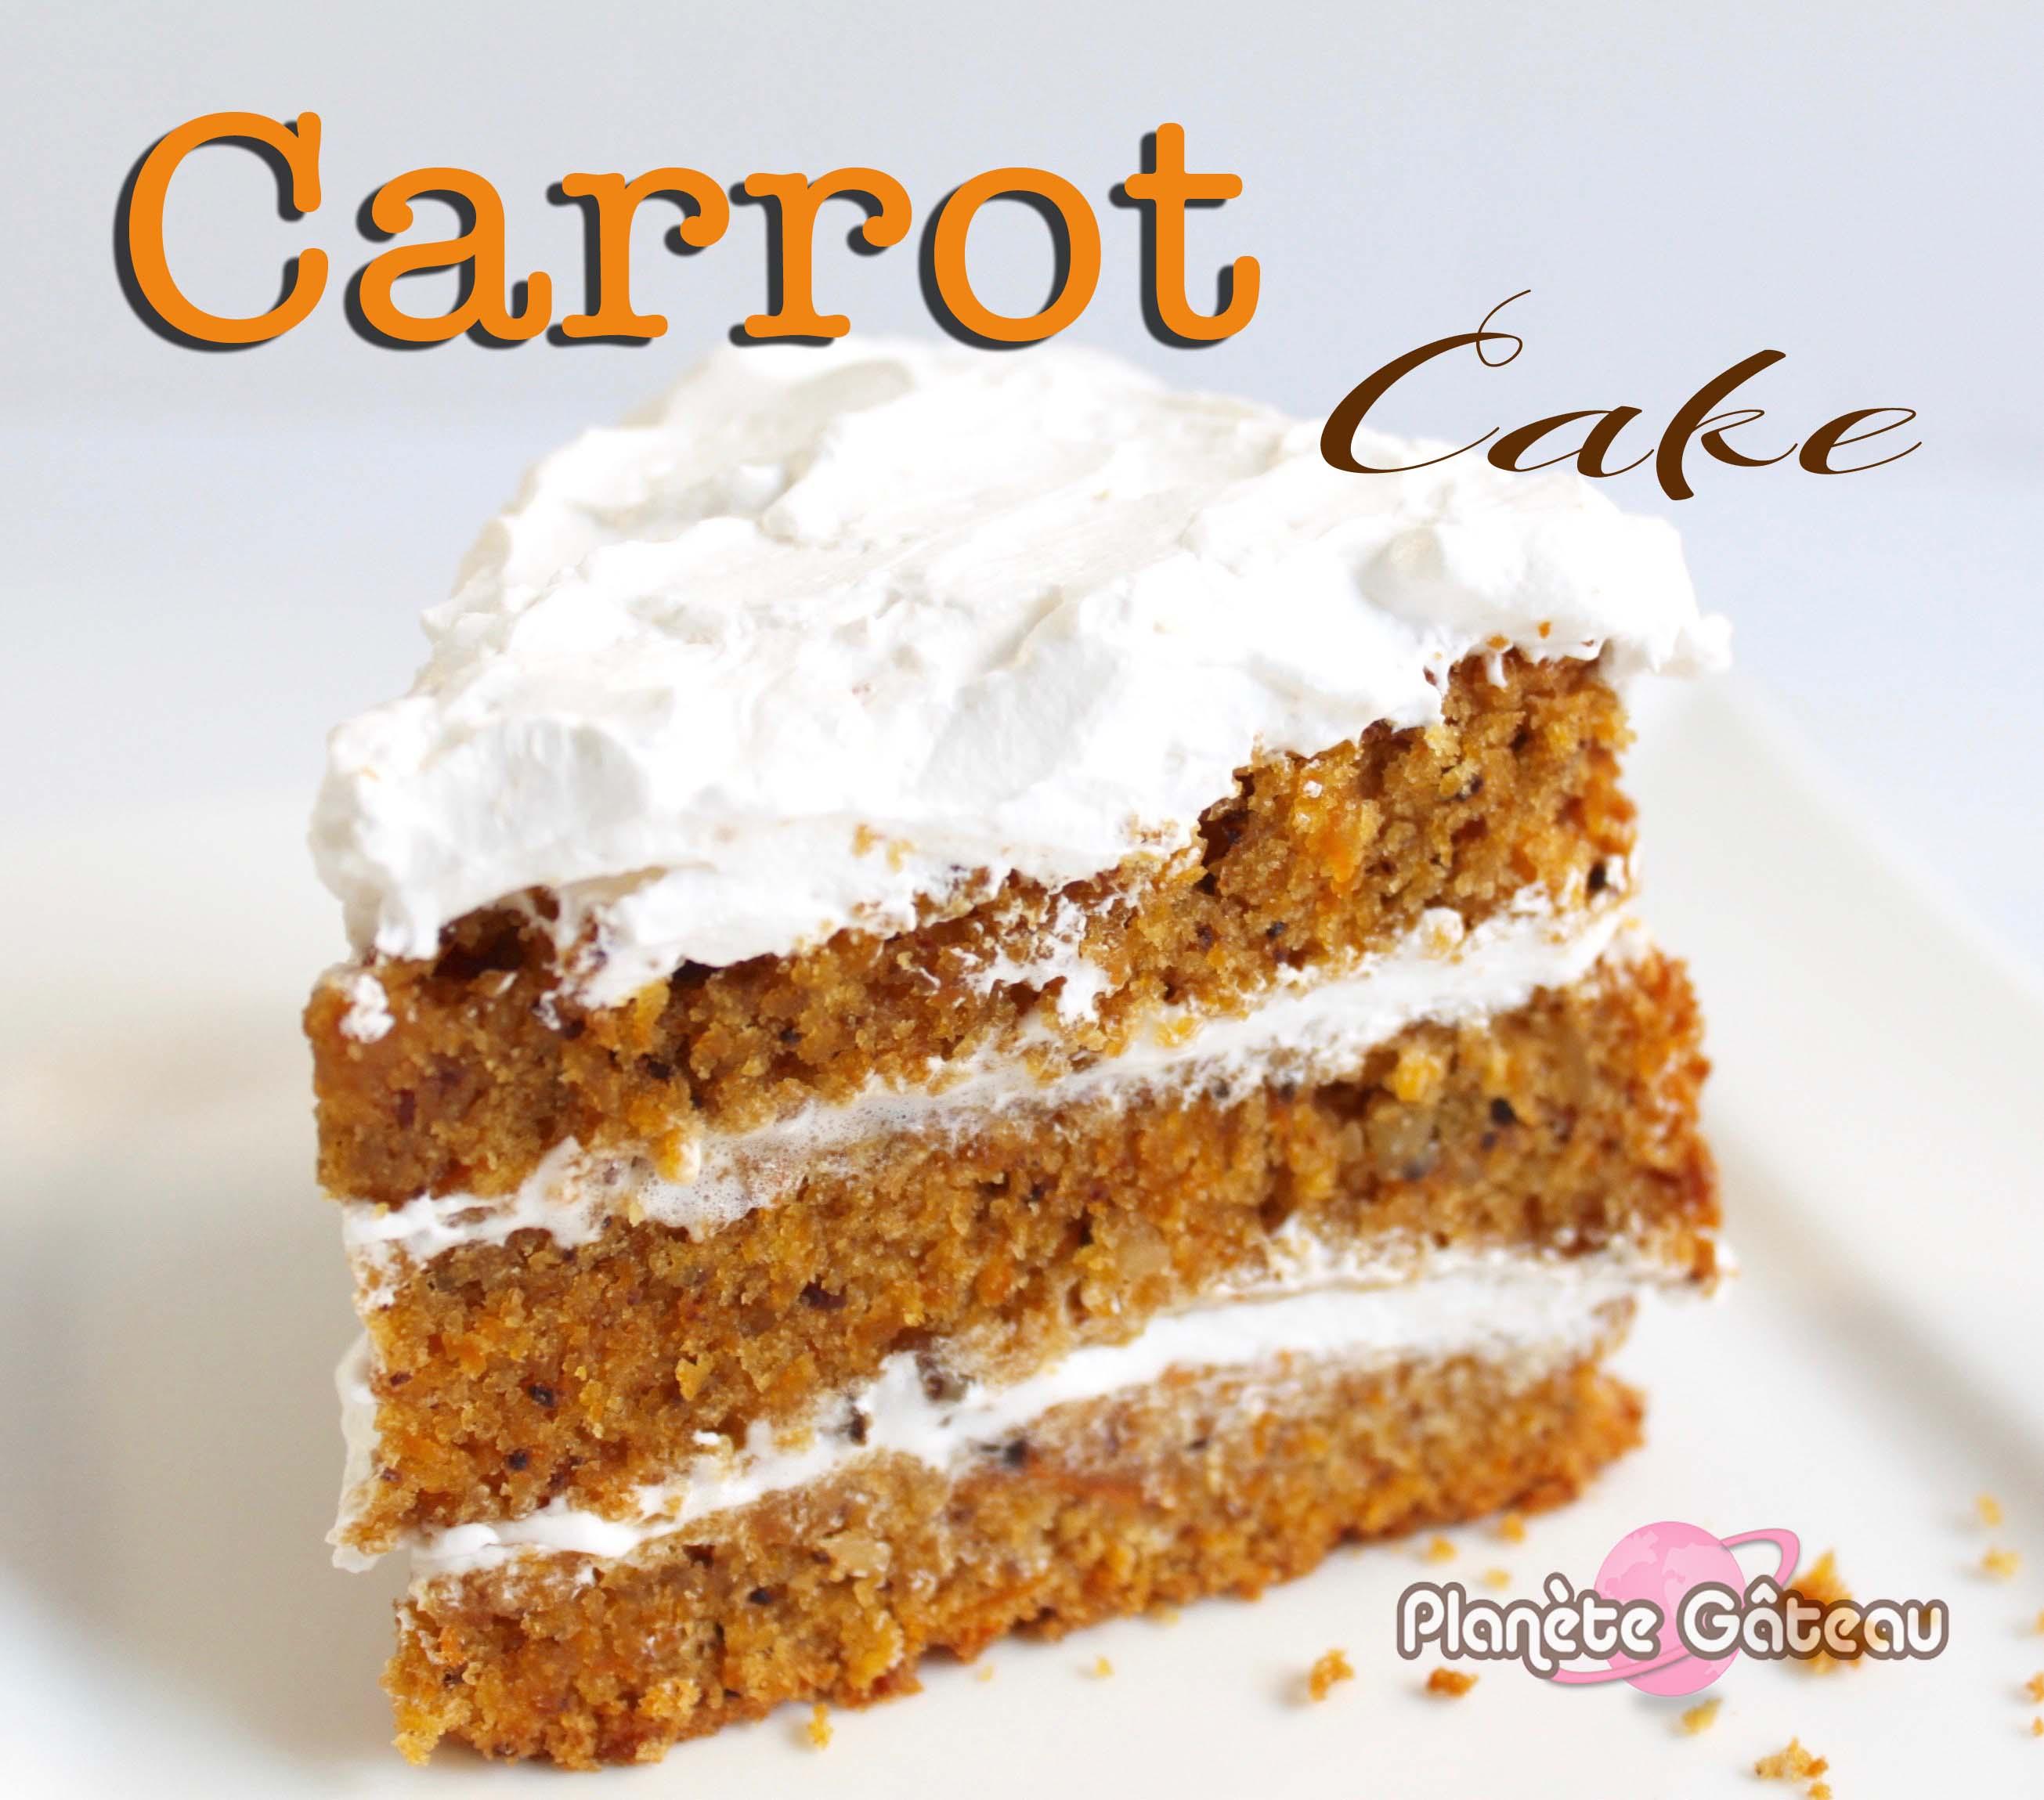 Blog planete gateaula vraie recette de carrot cake l 39 am ricaine d licieux - Recette carrot cake americain ...